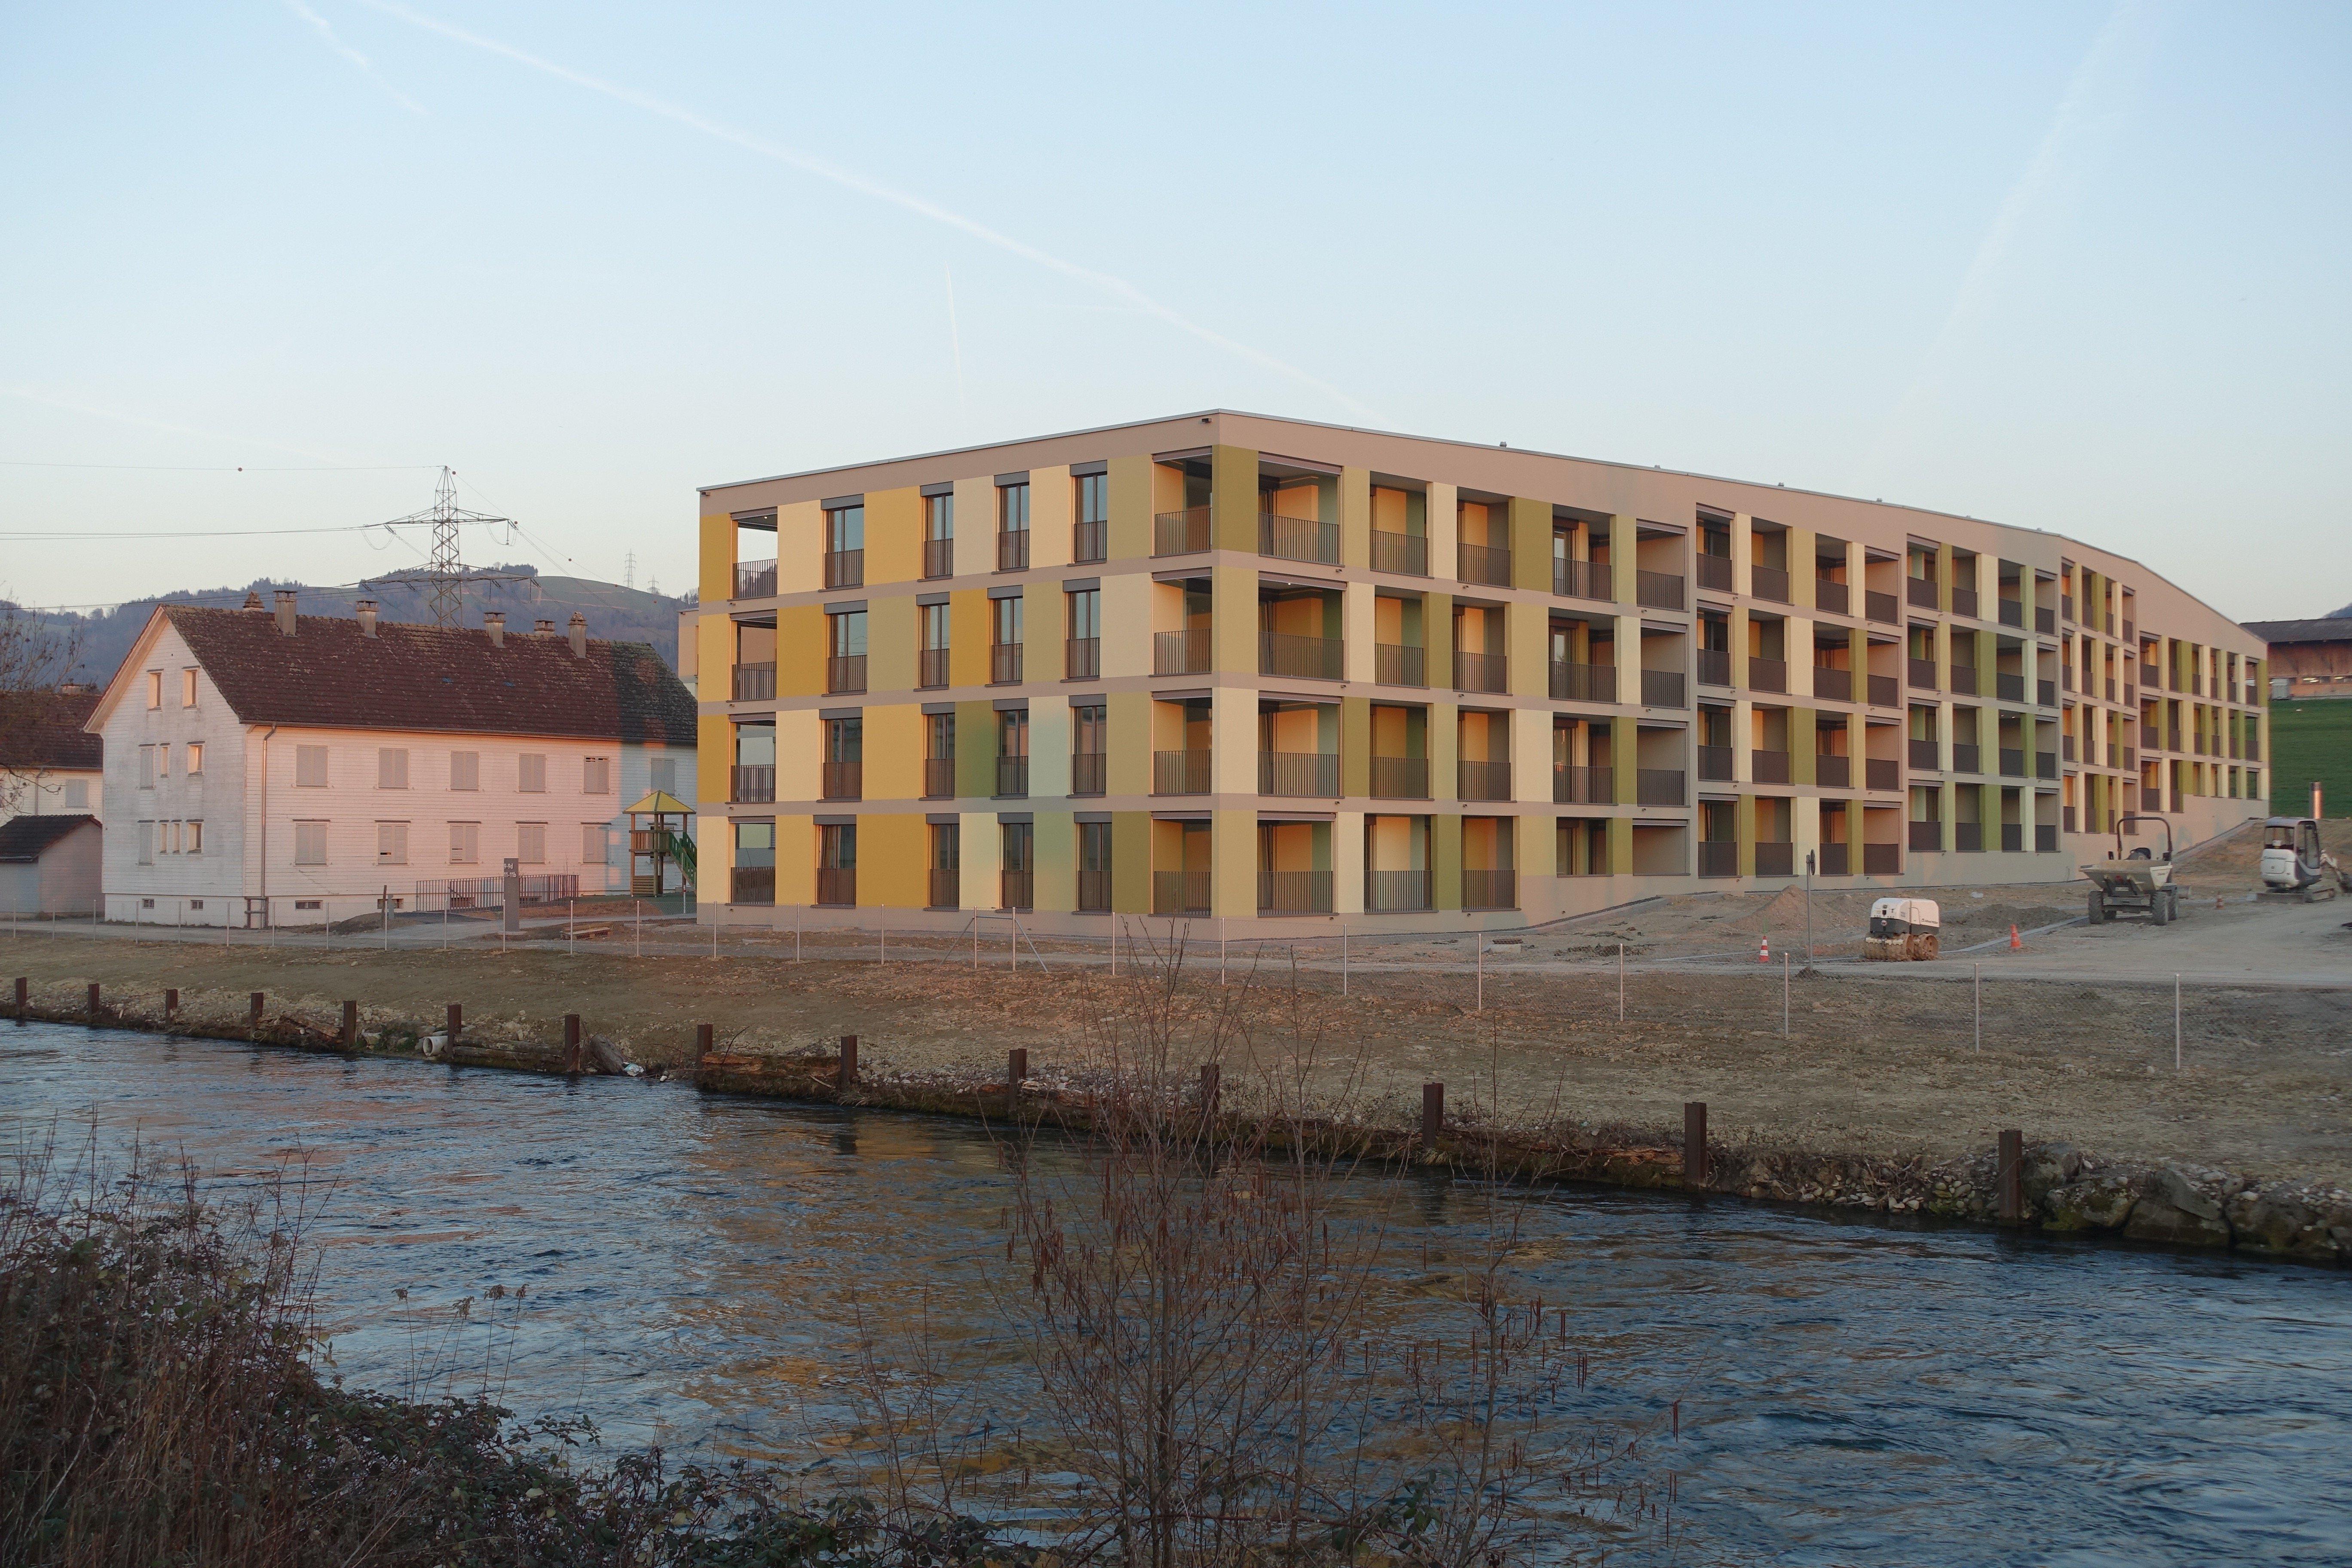 Der Neubau übernimmt die Ausrichtung vom benachbarten Zeilenbau der 1930er Jahre.